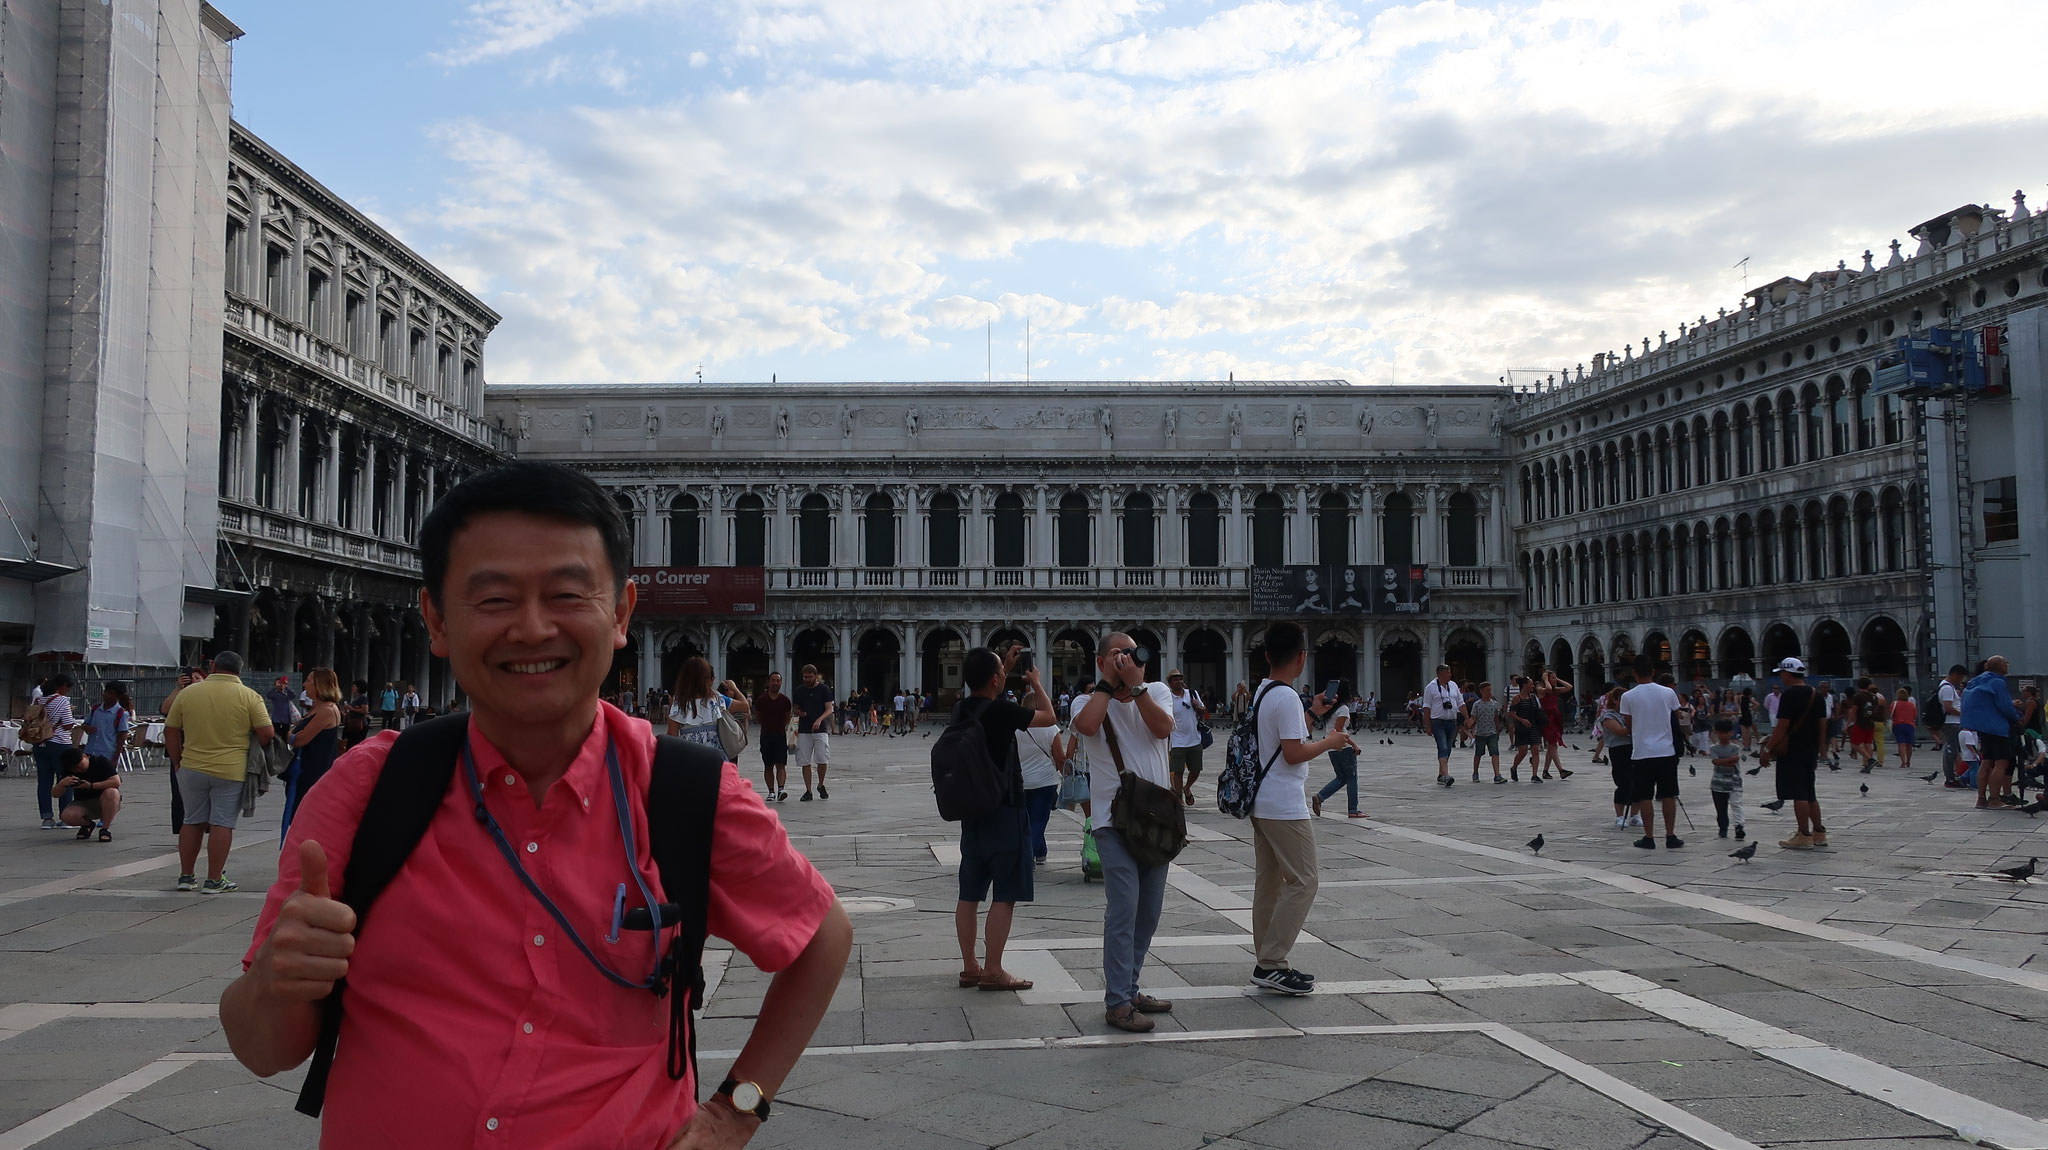 サン・マルコ広場。後方はナポレオンの翼壁。